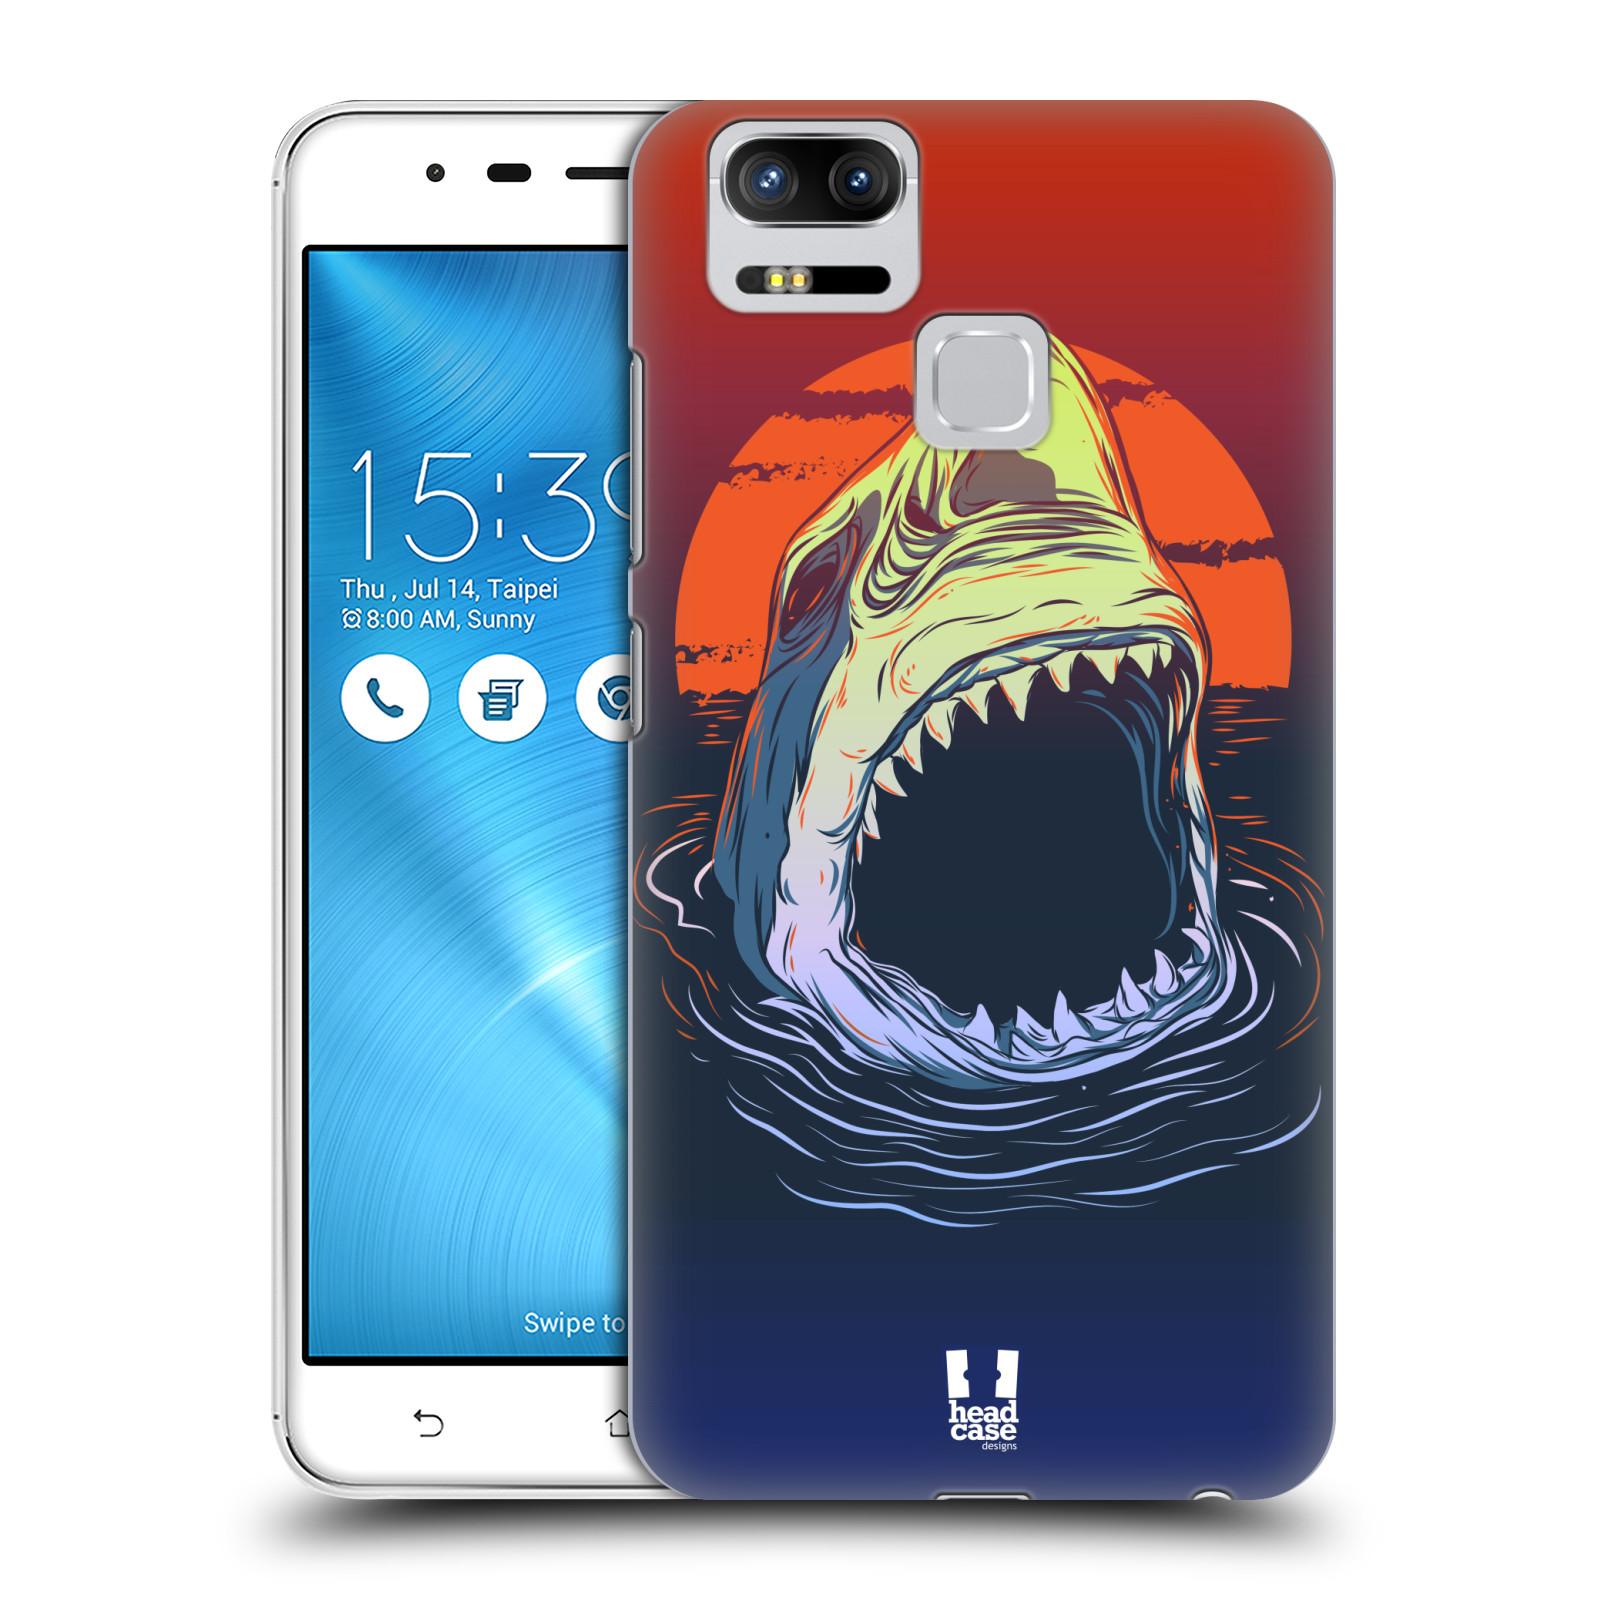 Plastové pouzdro na mobil Asus ZenFone 3 ZOOM ZE553KL - Head Case - HLADOVÝ ŽRALOK (Plastový kryt či obal na mobilní telefon Asus ZenFone 3 ZOOM ZE553KL s motivem HLADOVÝ ŽRALOK)